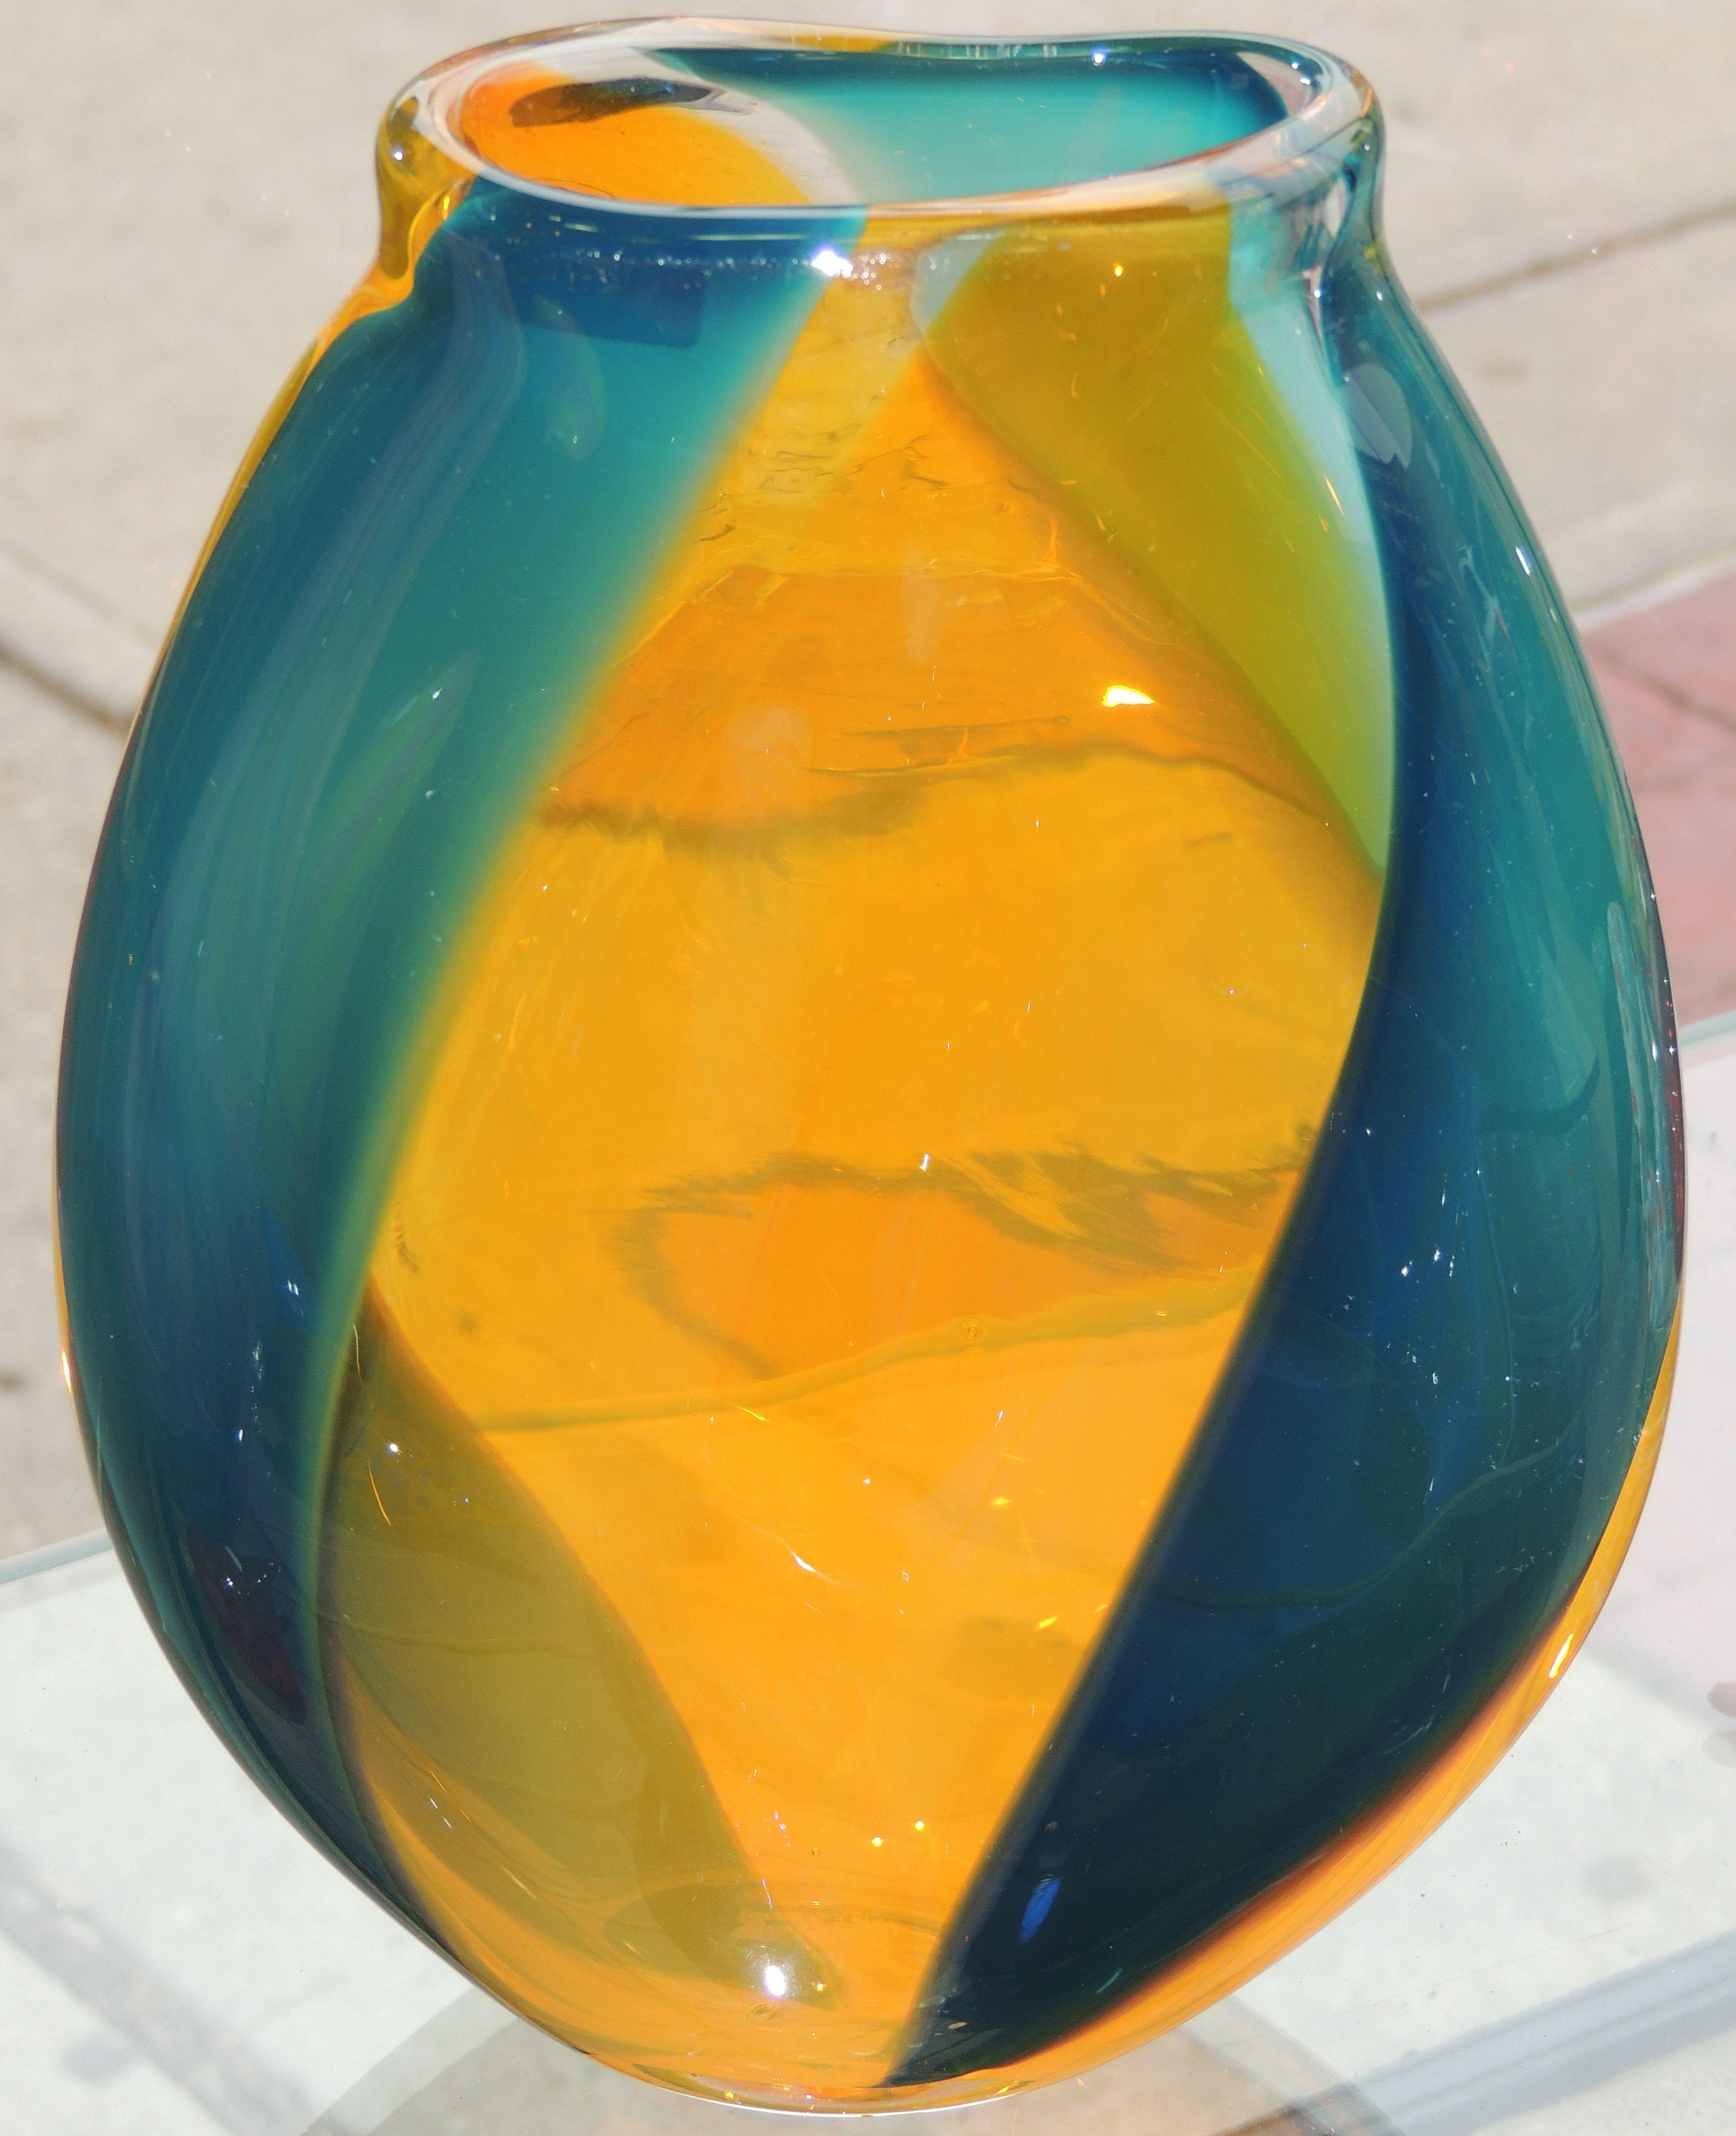 Saffron and Oceana by glass artist Rhonda Baker